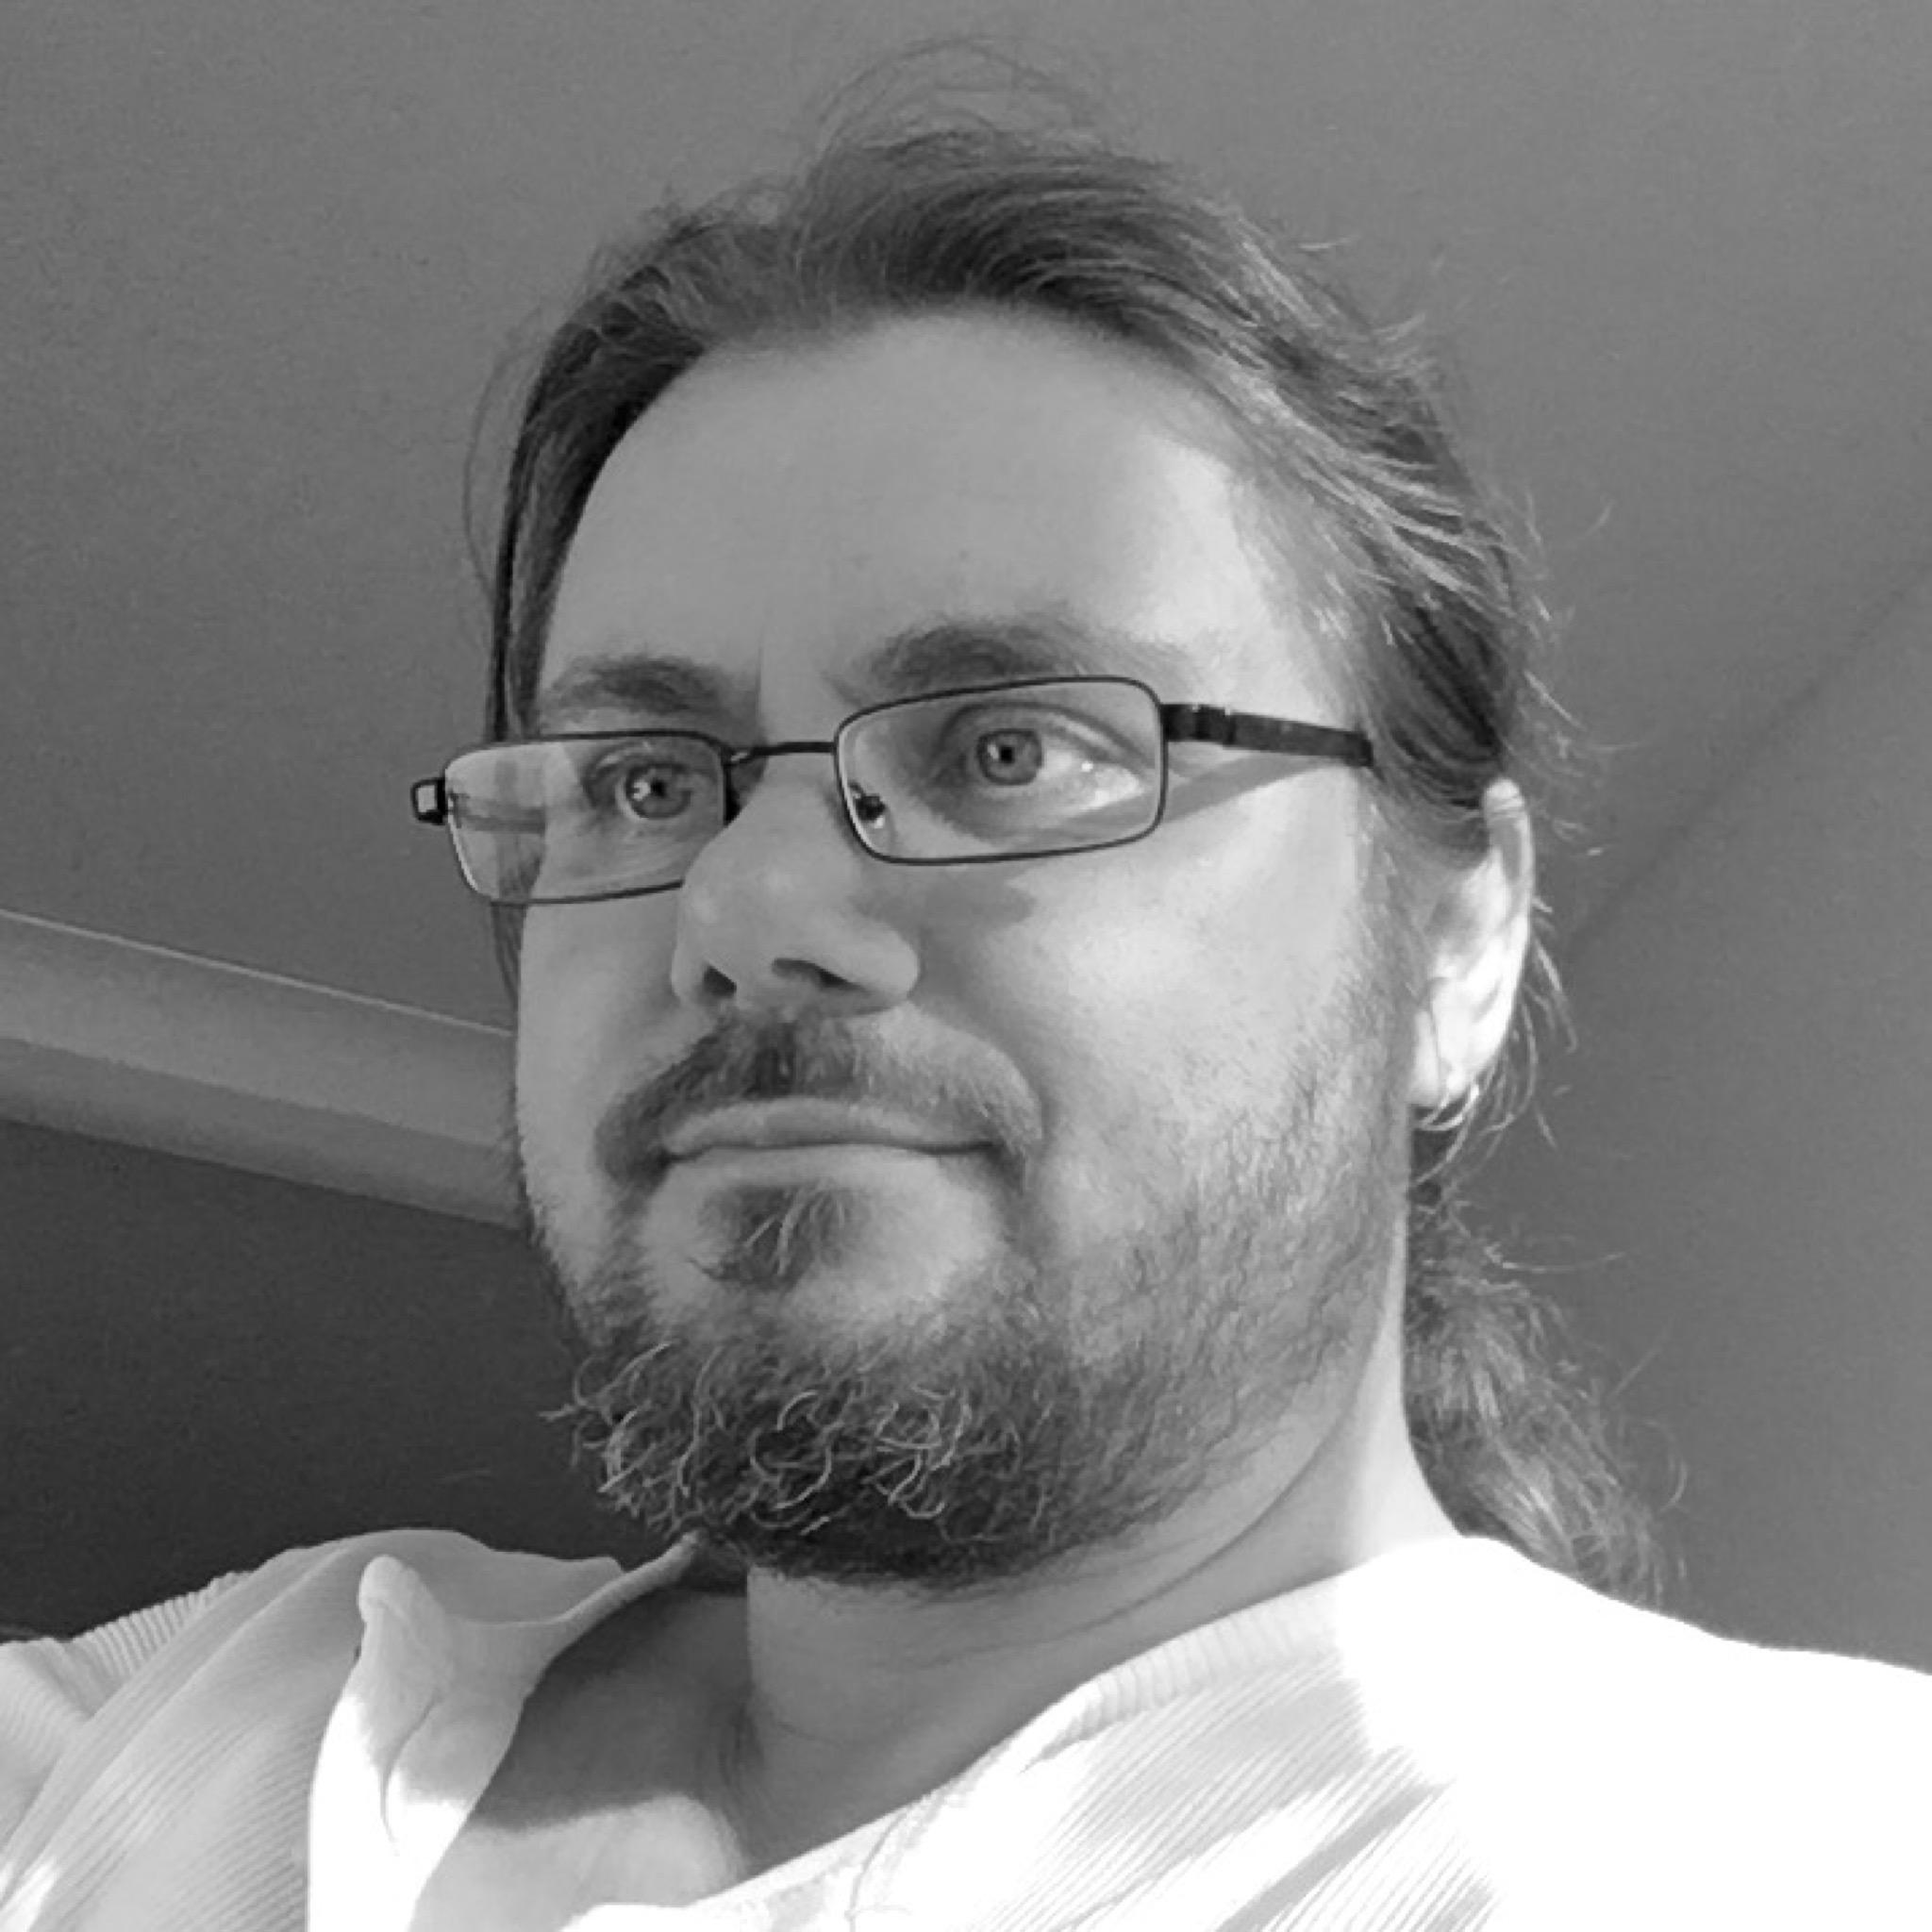 schwarz-weiß-Portrait: 45jähriger Mann mit Vollbart und Brille